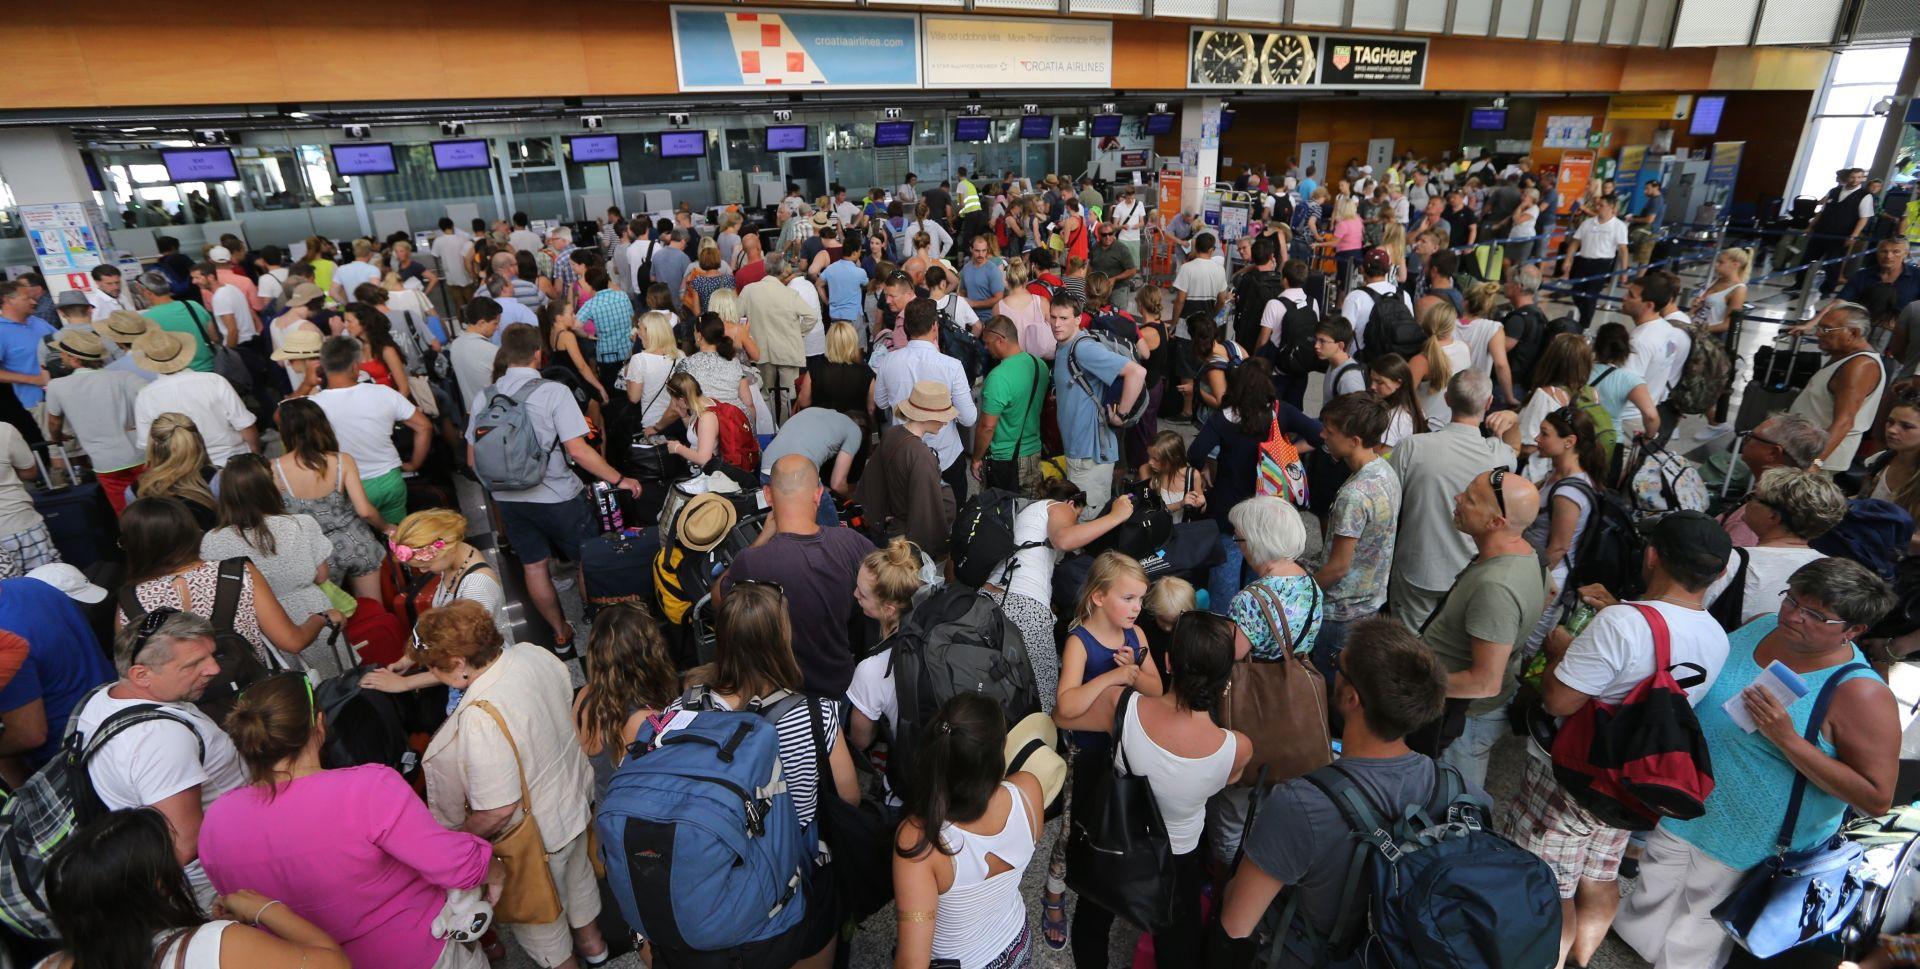 LUDNICA U SPLITU Tijekom vikenda se očekuje oko 87.000 putnika u zračnoj i trajektnoj luci